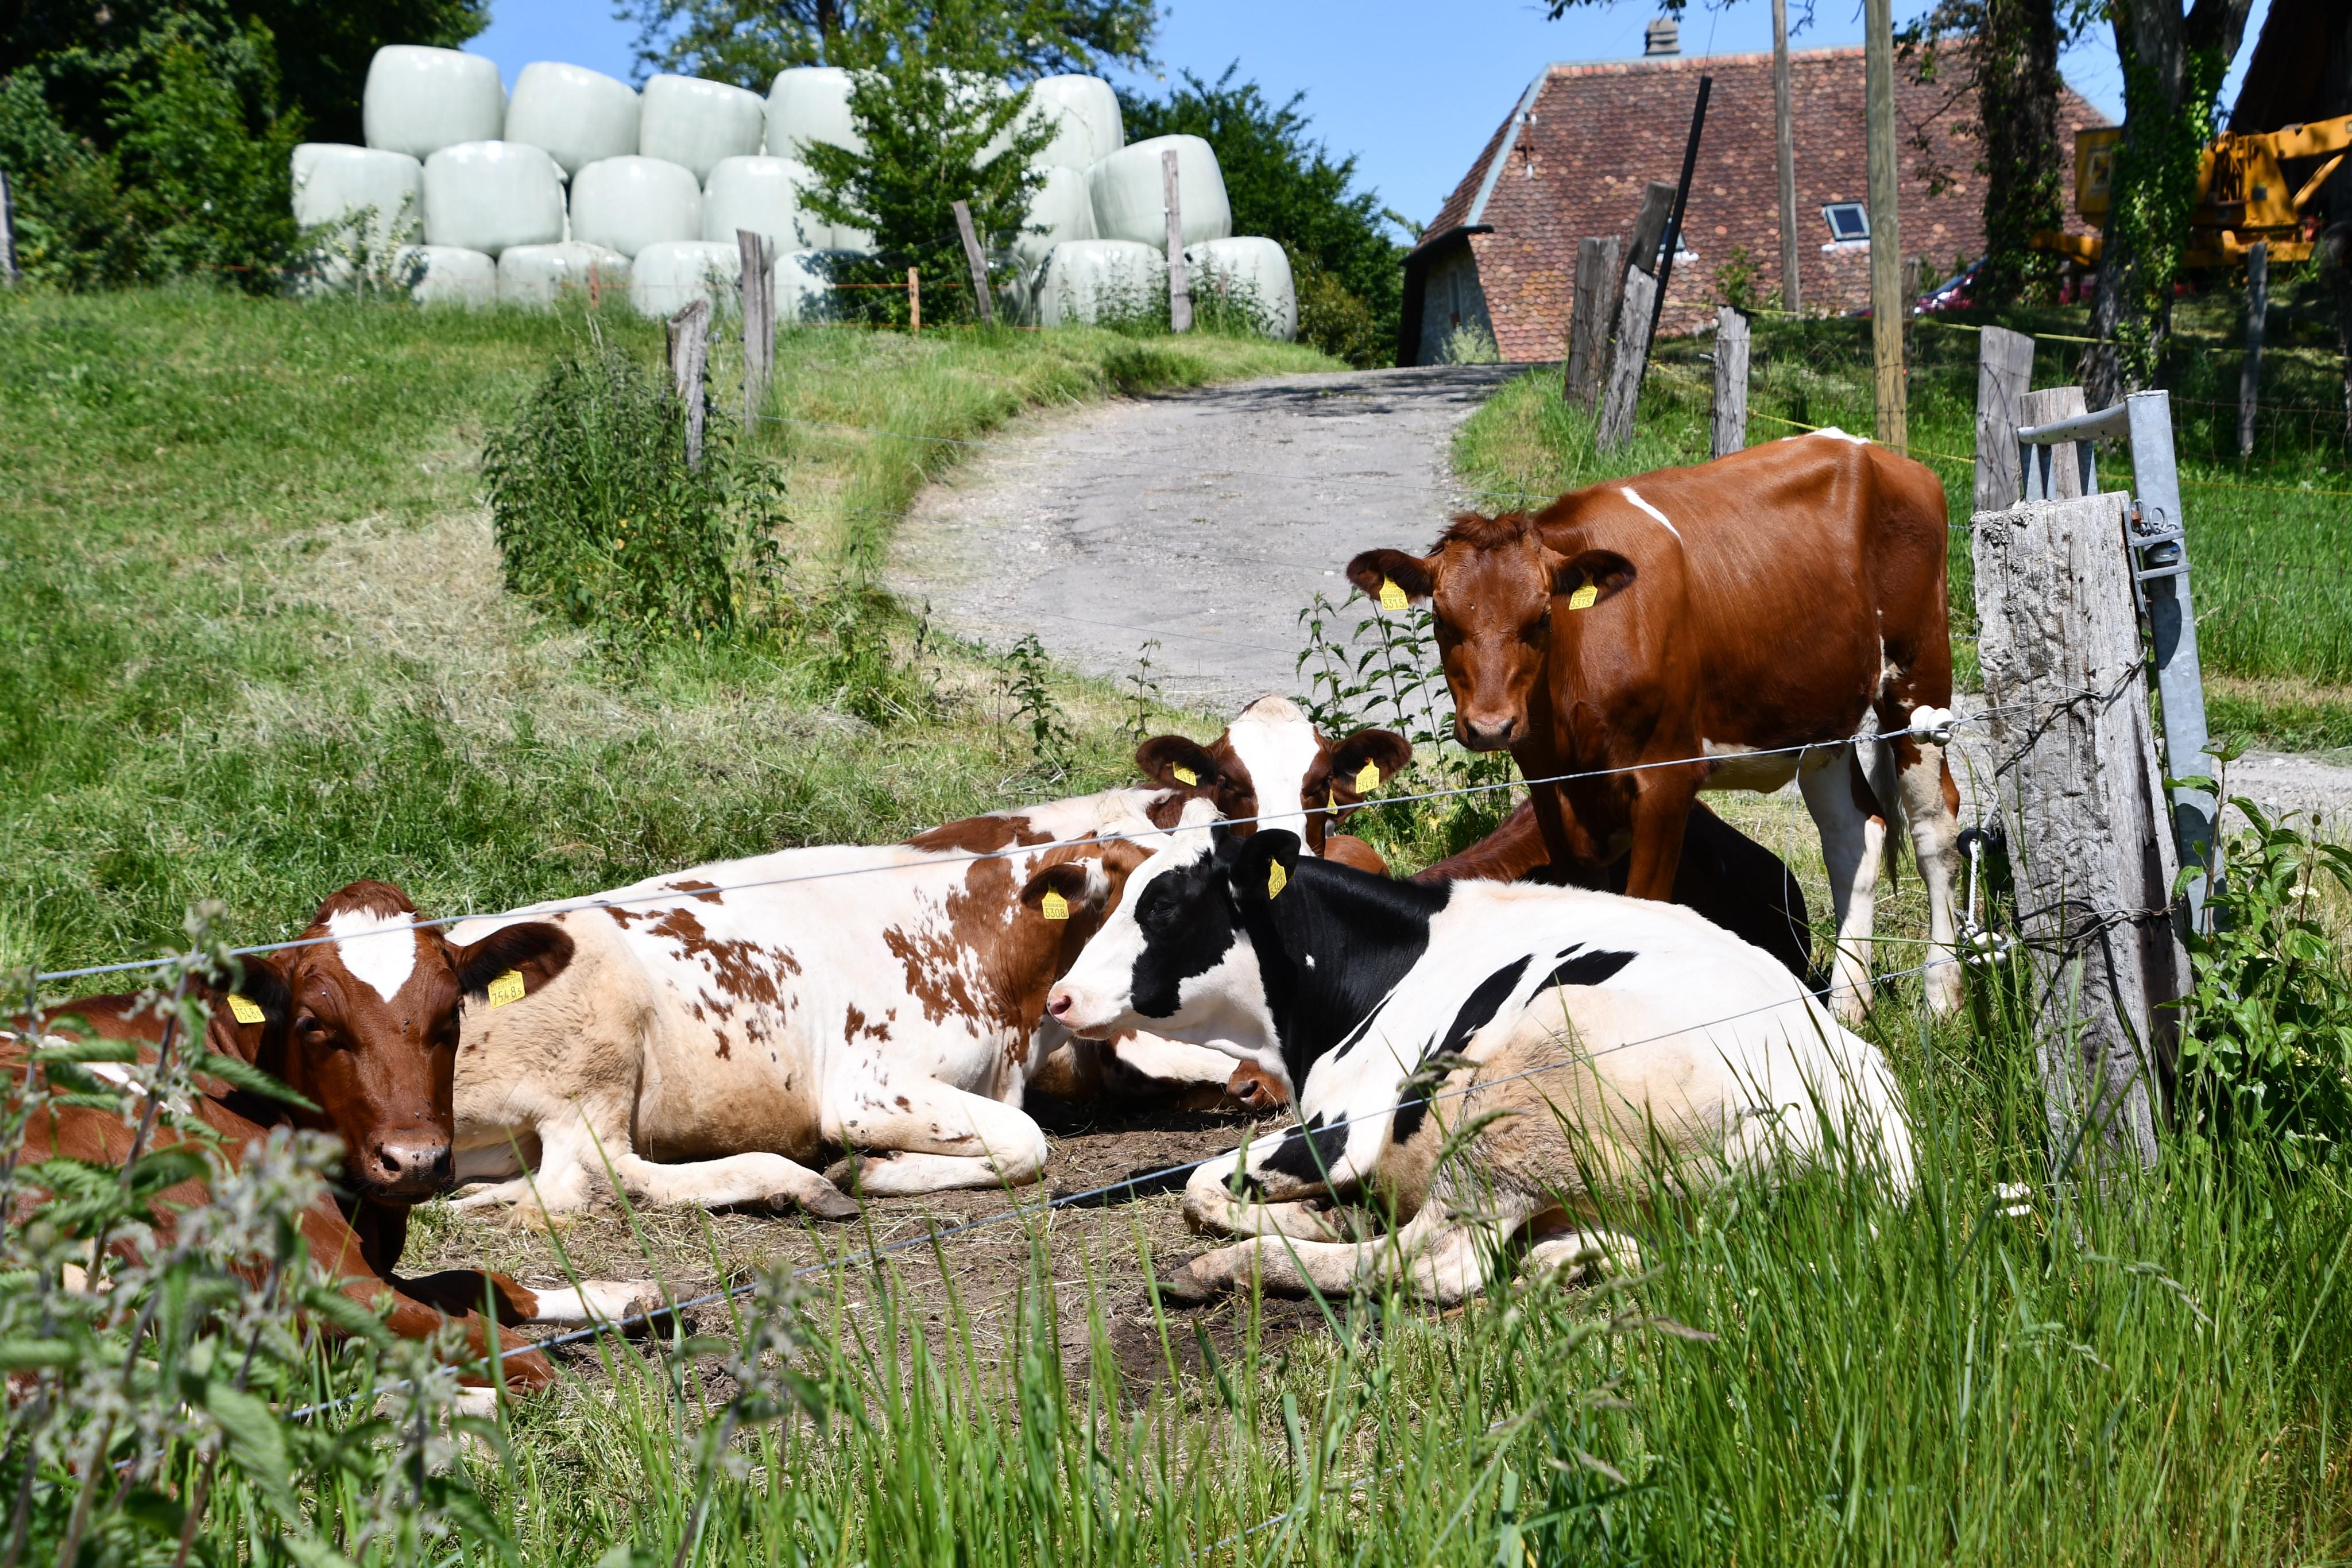 cows-02.06-4